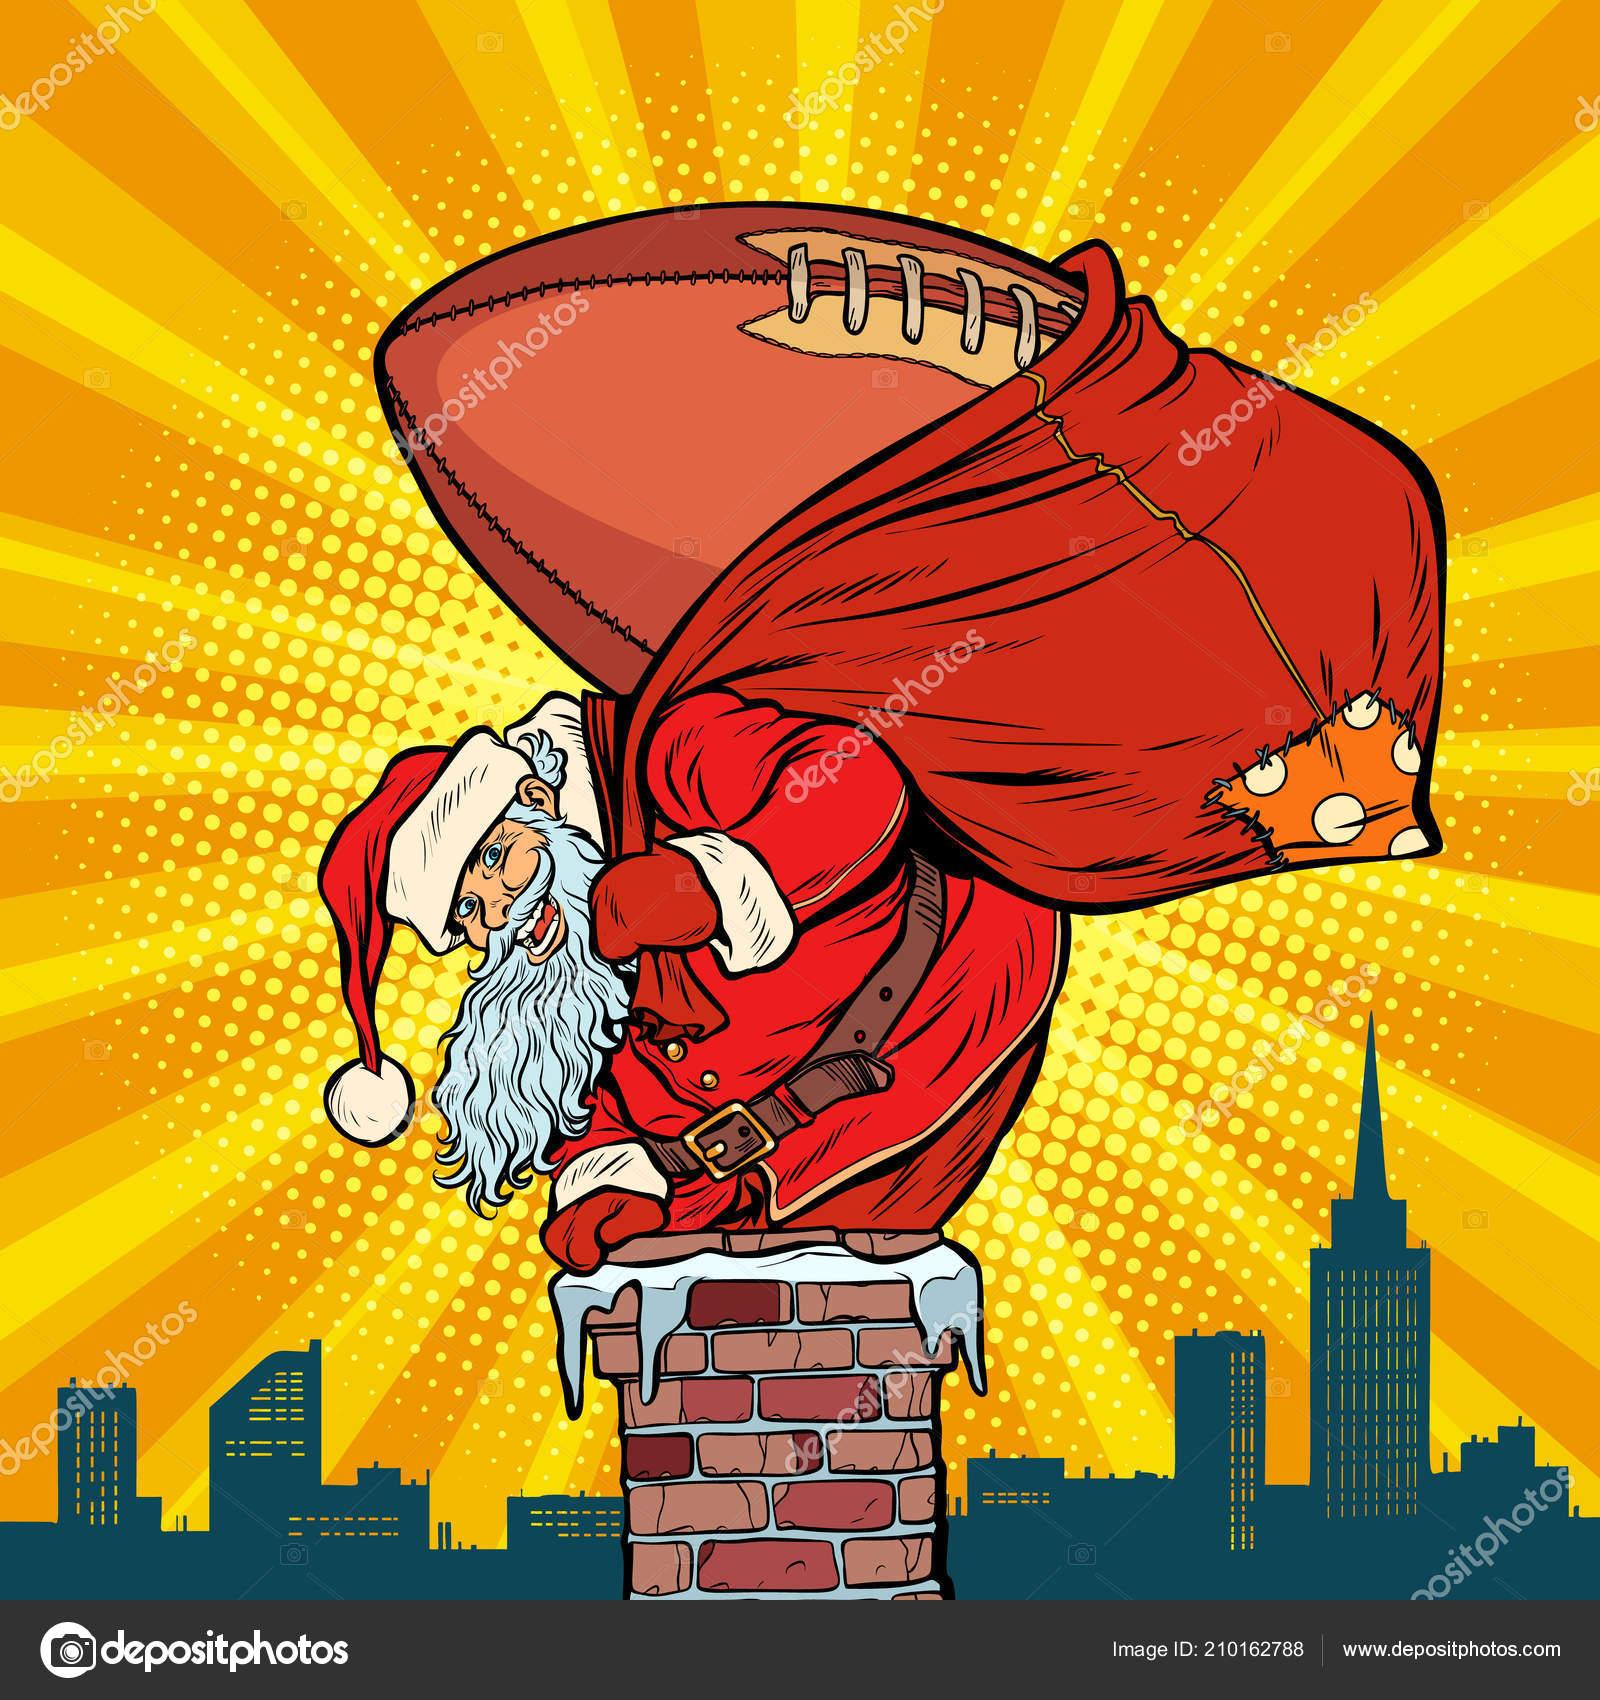 Amerikanische Weihnachtsgrüße.Amerikanischer Fußball Ball Weihnachtsmann Mit Geschenken Steigt In